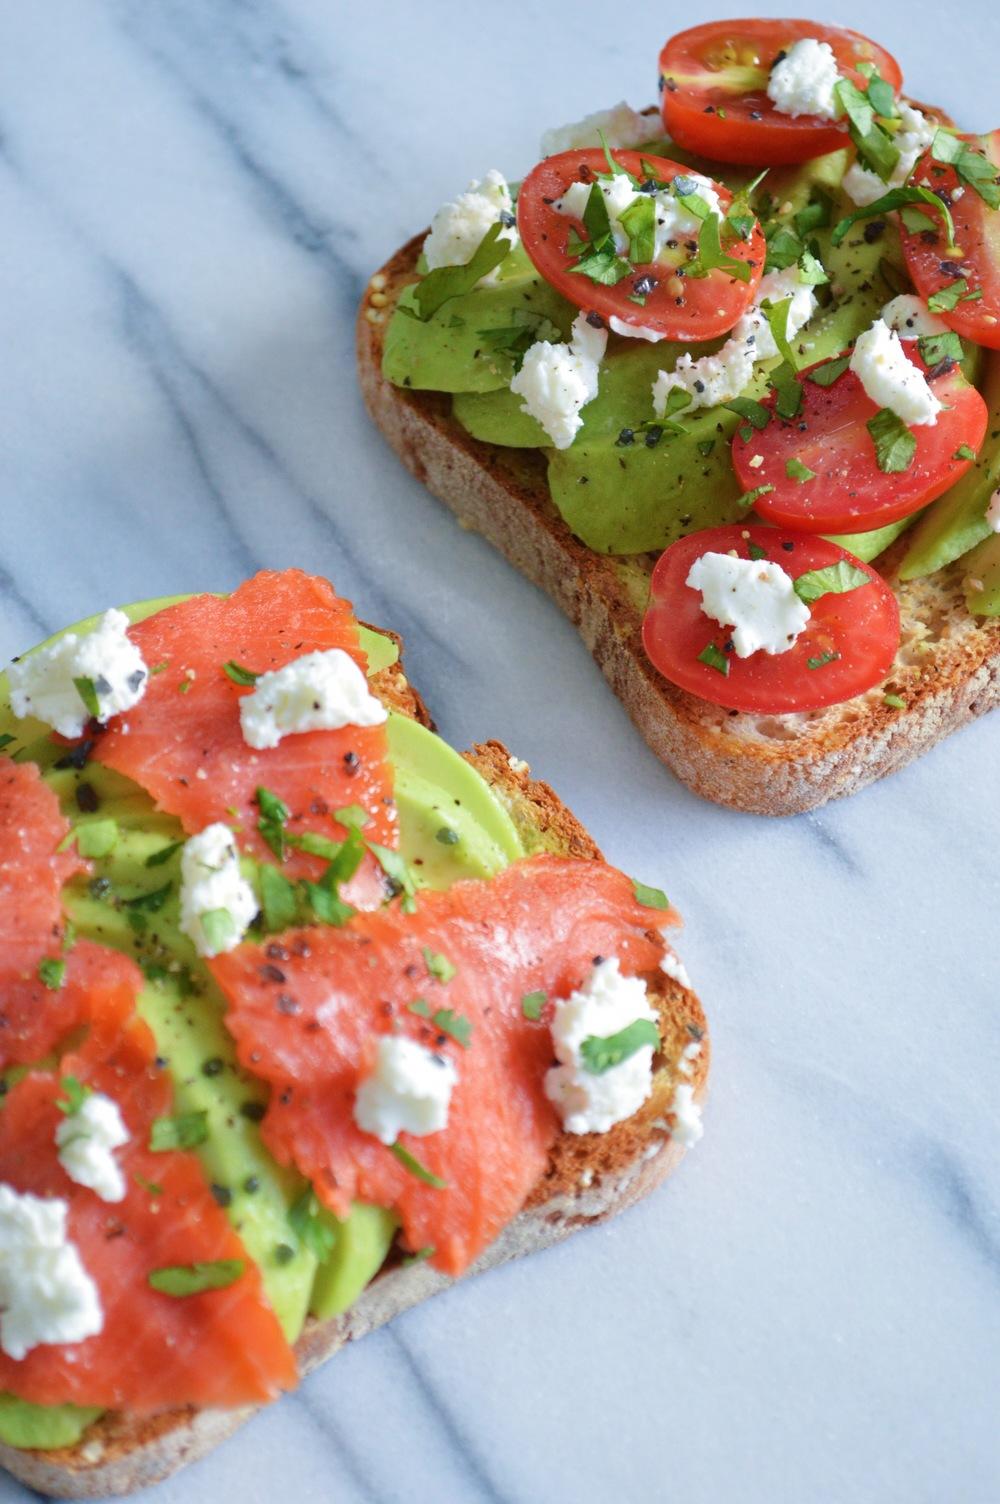 LaurenSchwaiger-Healthy-Life-Style-Blog-Avocado-Toast.jpg